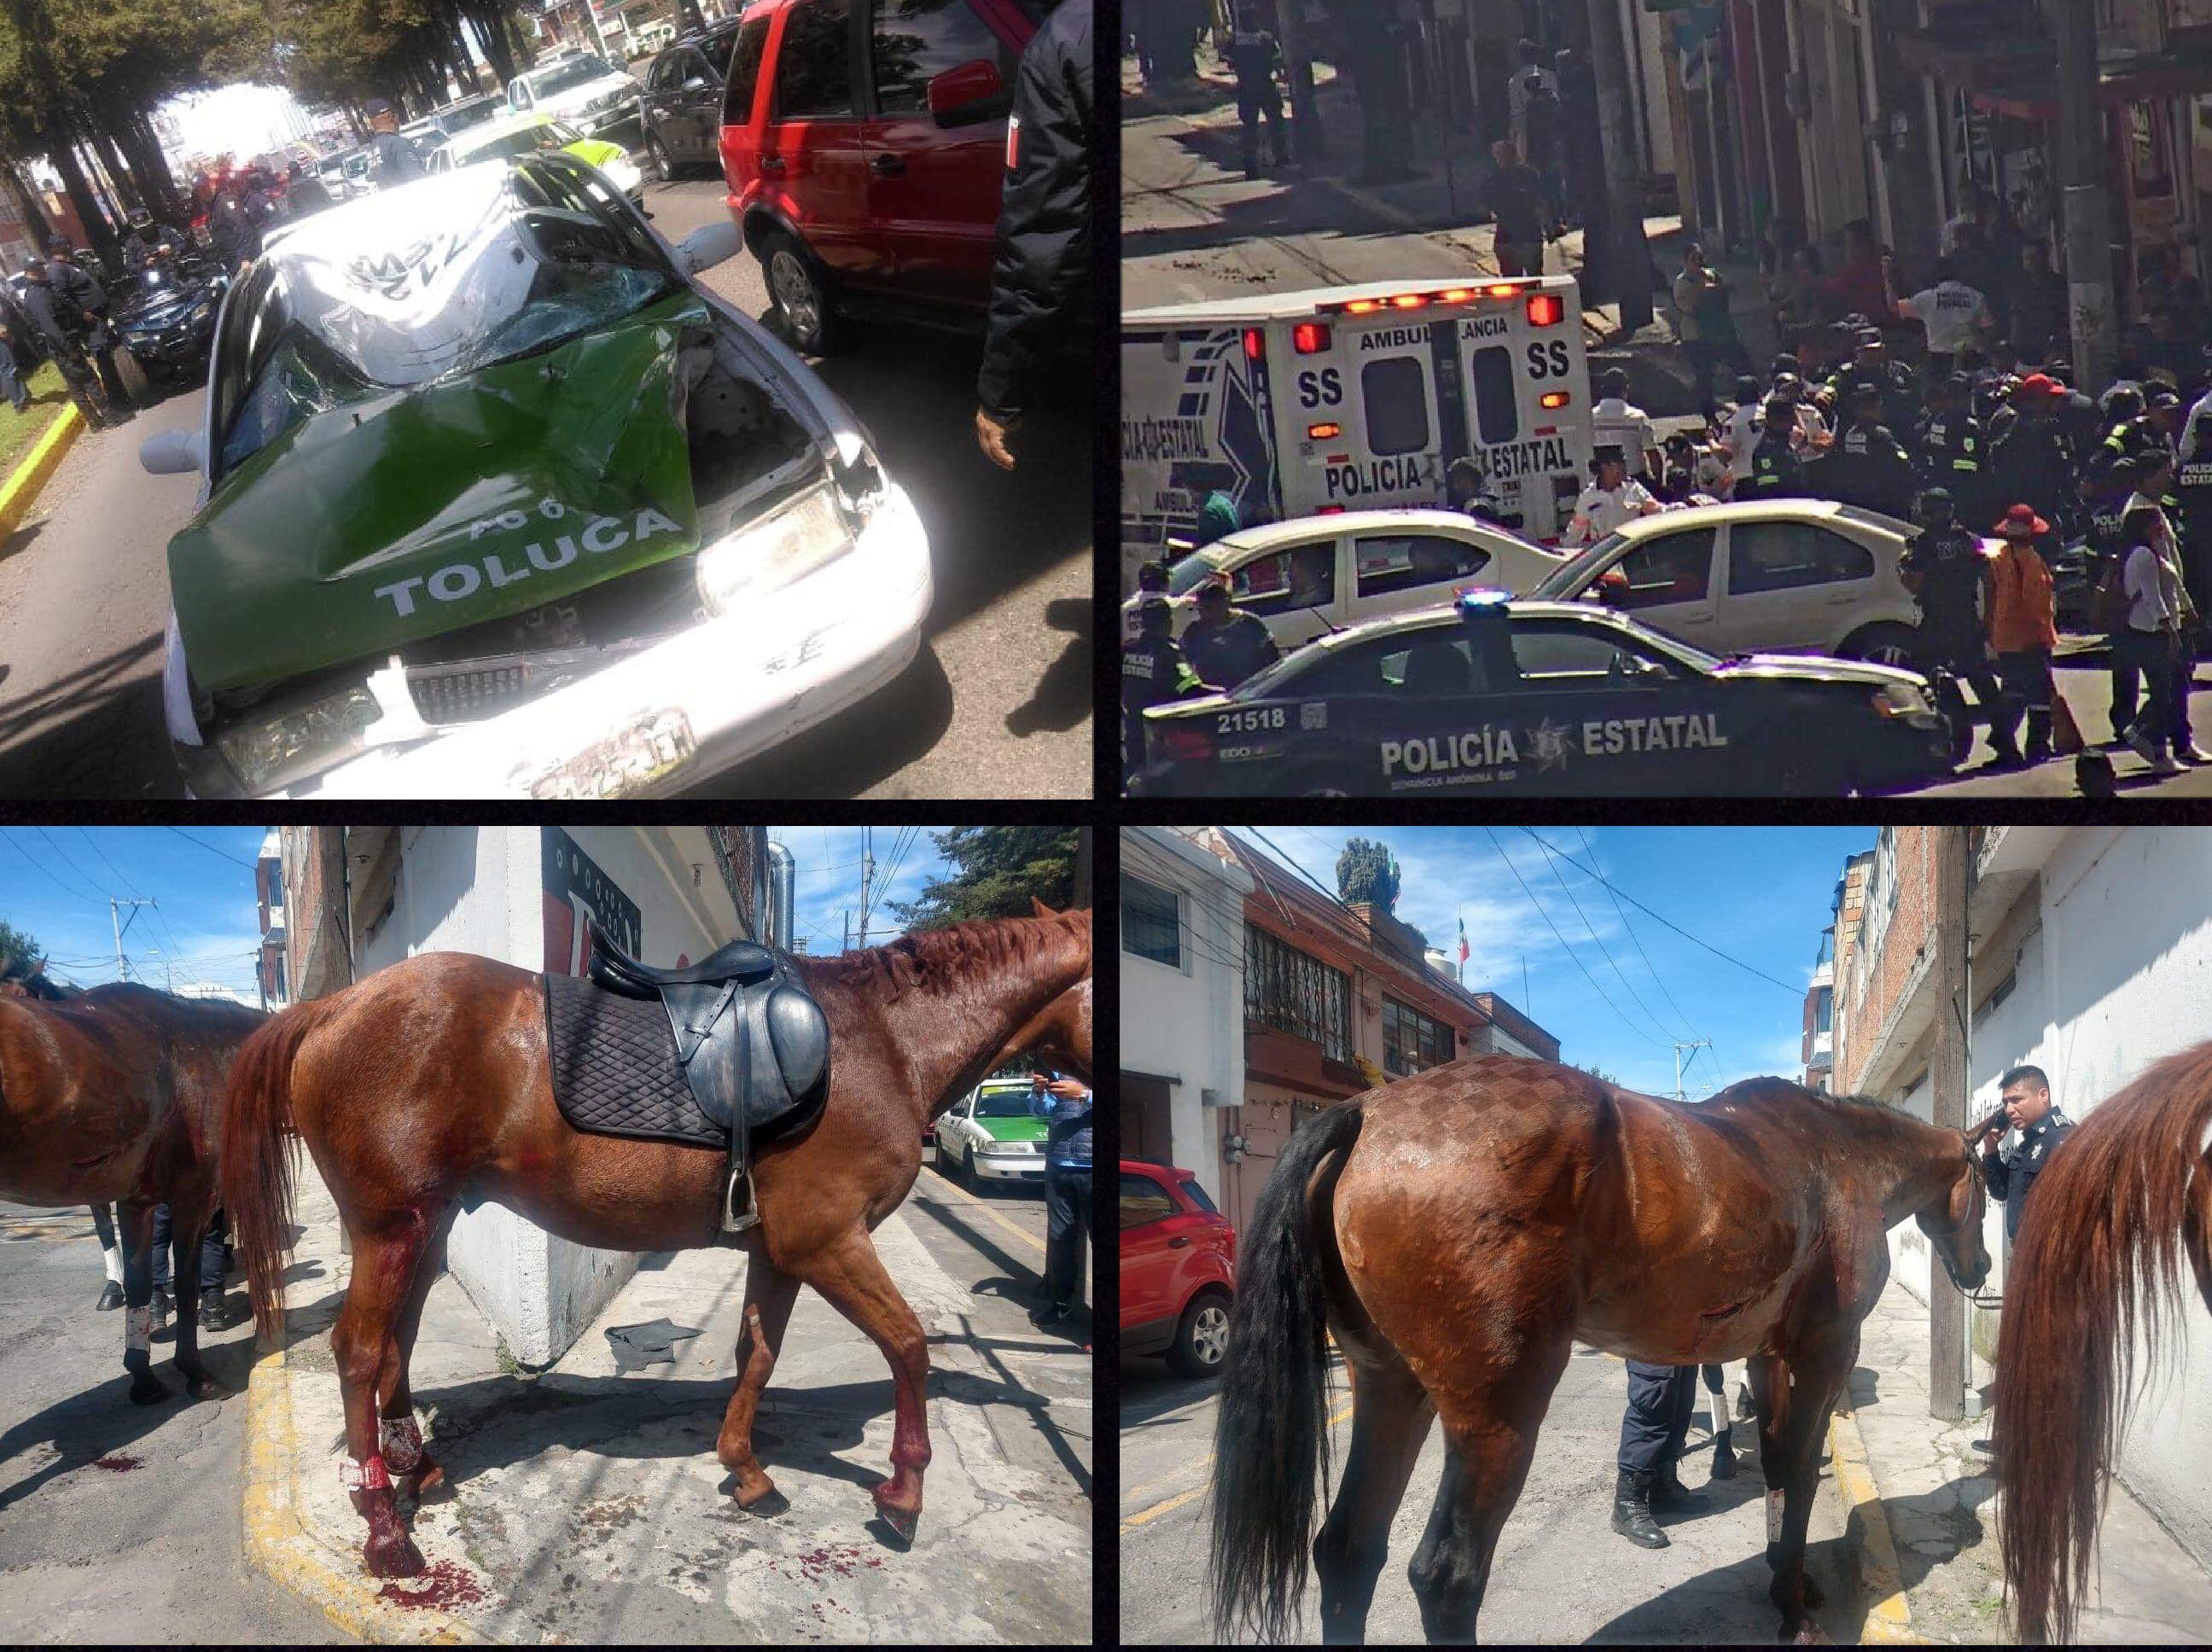 Pirotecnia provocó desboque de caballos en Toluca